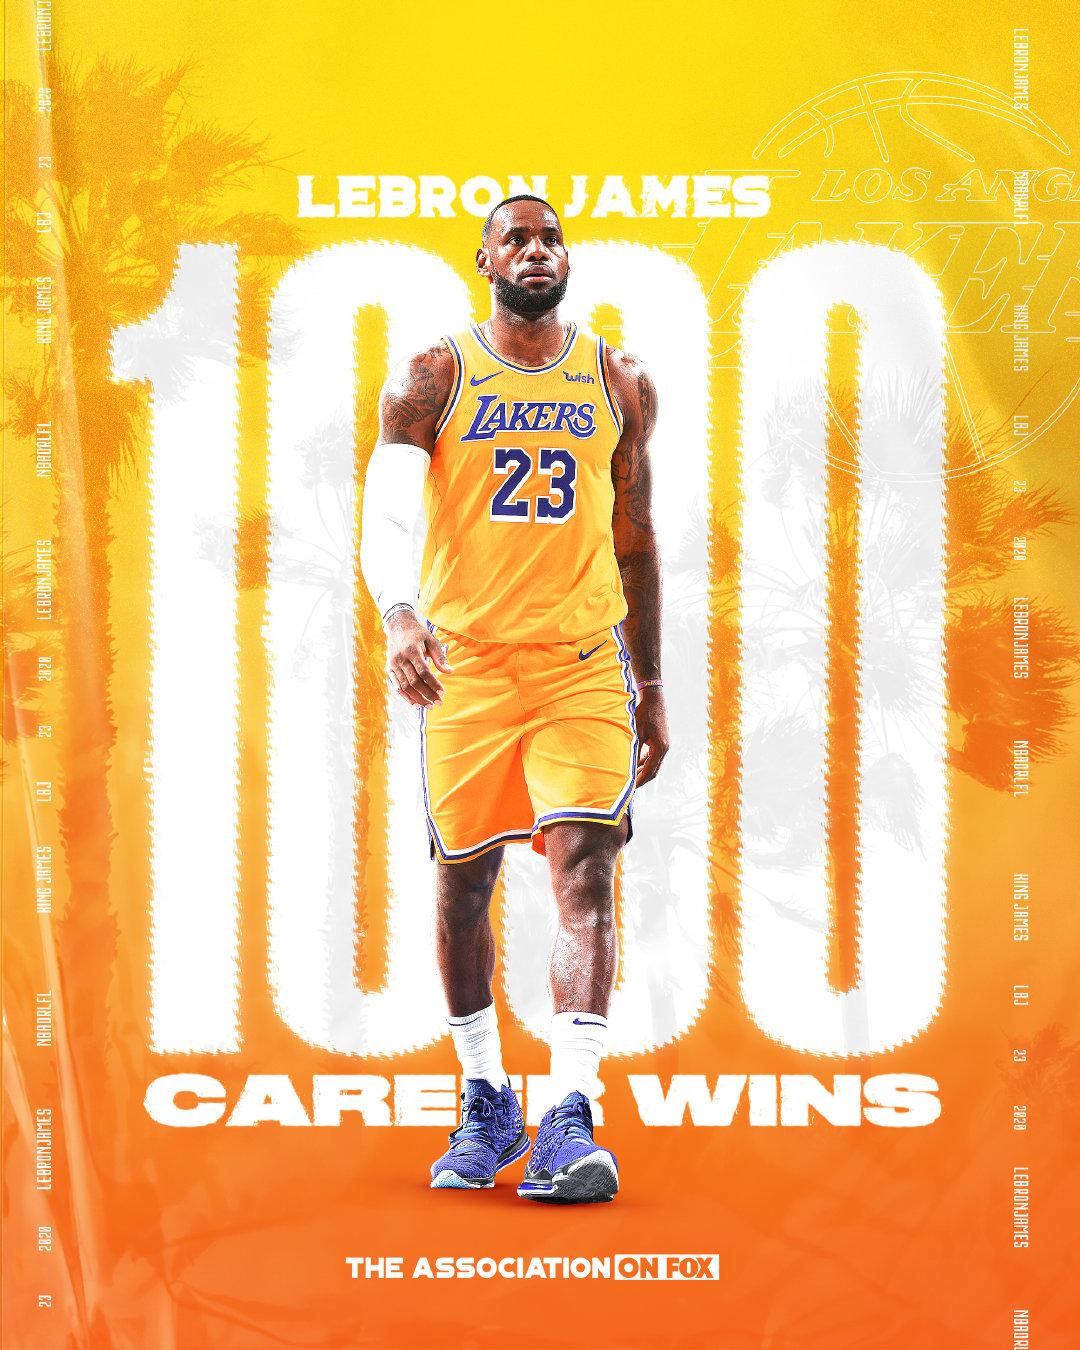 詹姆斯成就NBA生涯千胜大业。